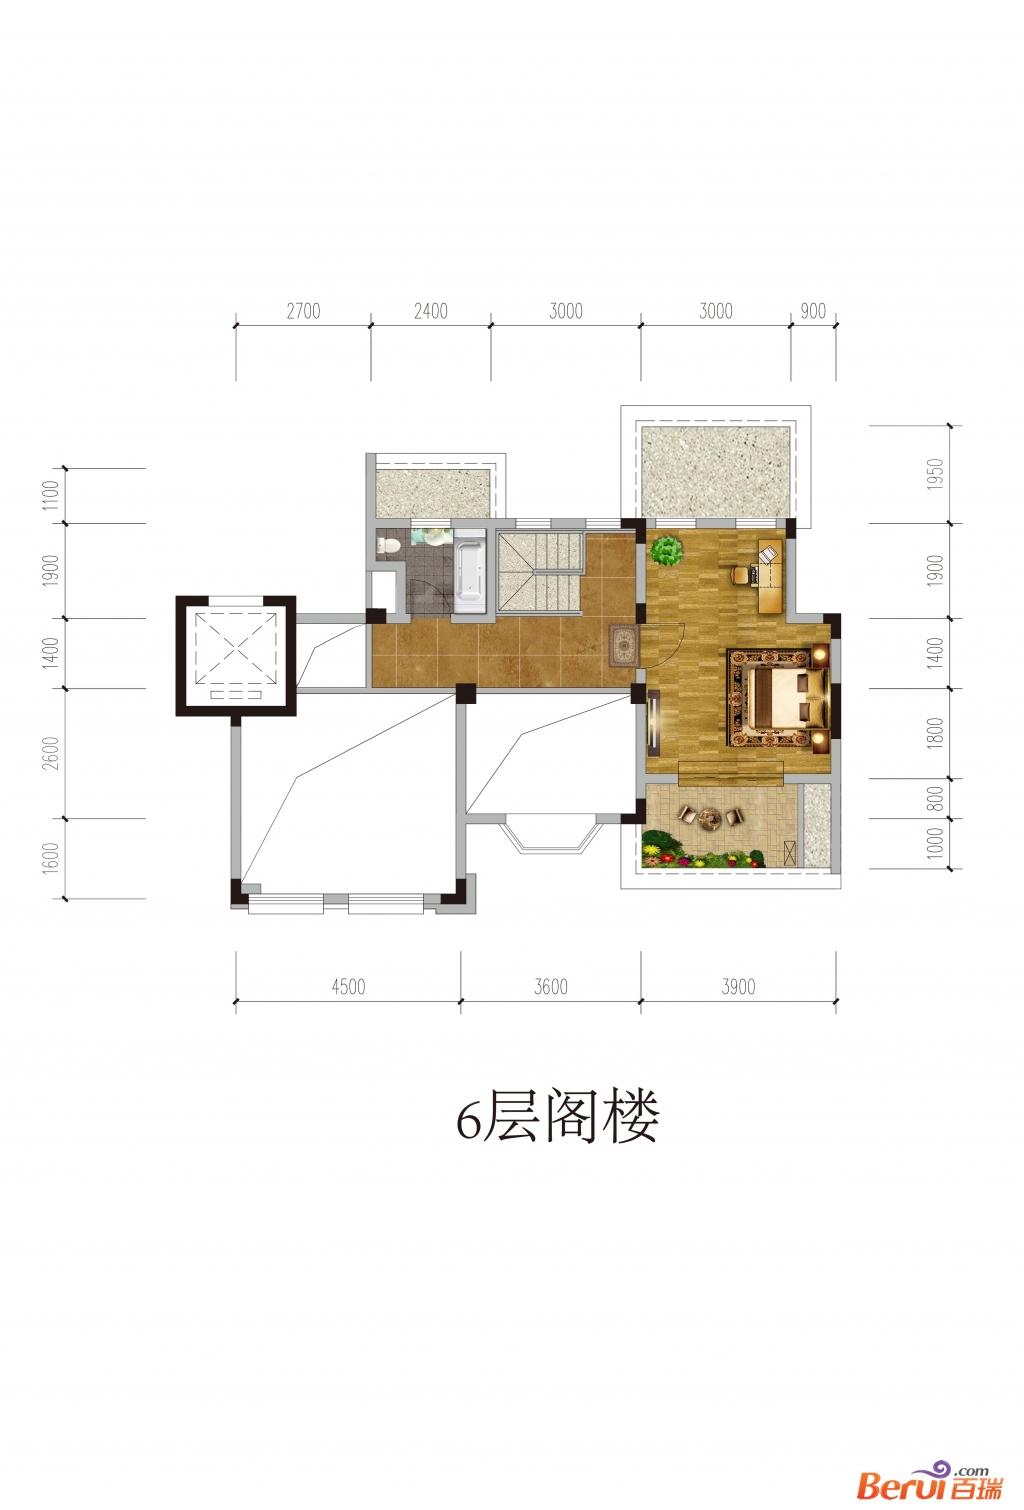 悦湖山院6层阁楼(洋房)